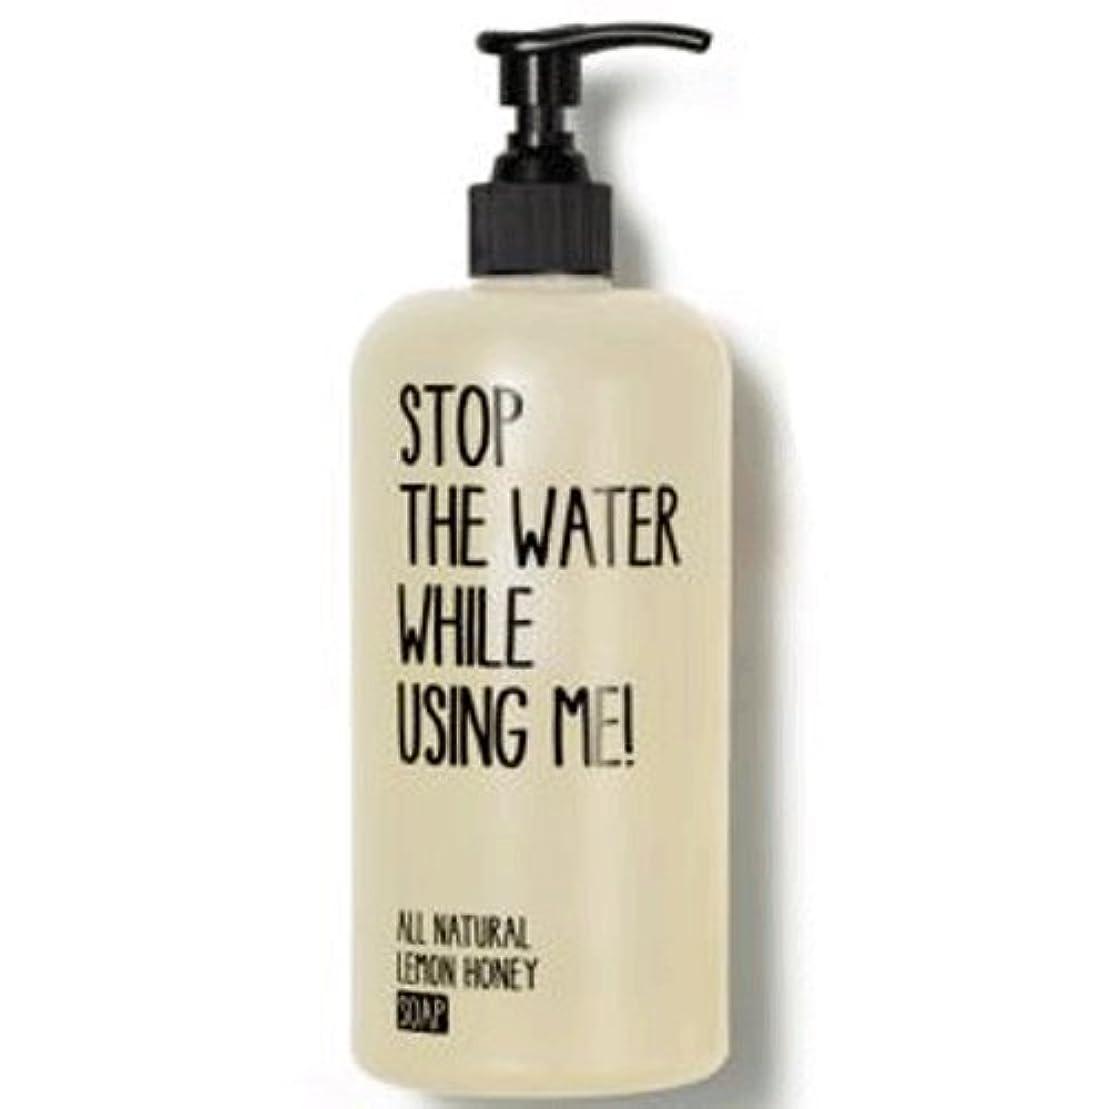 動詞面日【STOP THE WATER WHILE USING ME!】L&Hソープ(レモン&ハニー) 500ml [並行輸入品]